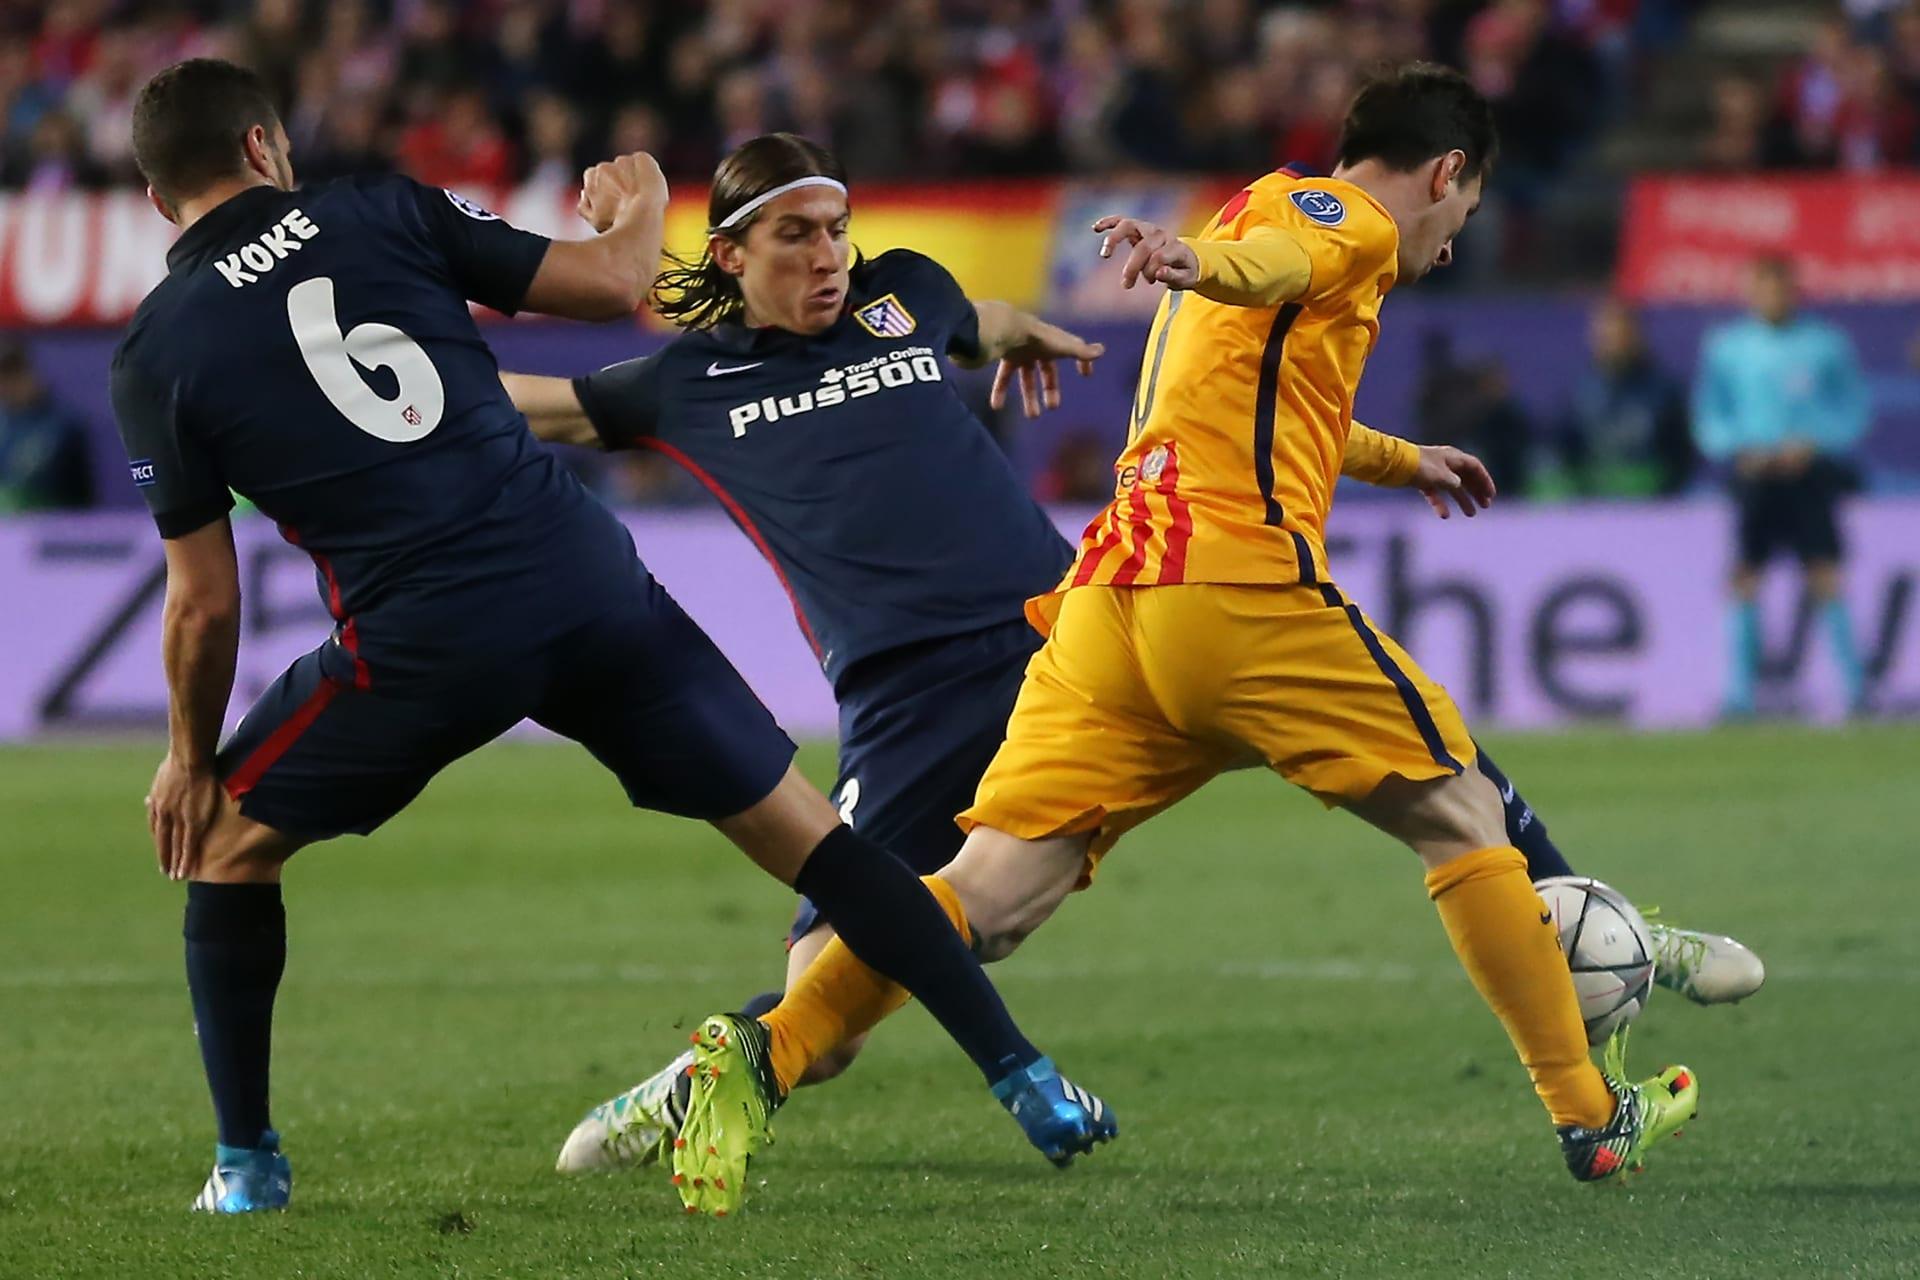 لاعبا أتلتيكو يتحدثان عن إقصاء برشلونة وهزيمة 2014